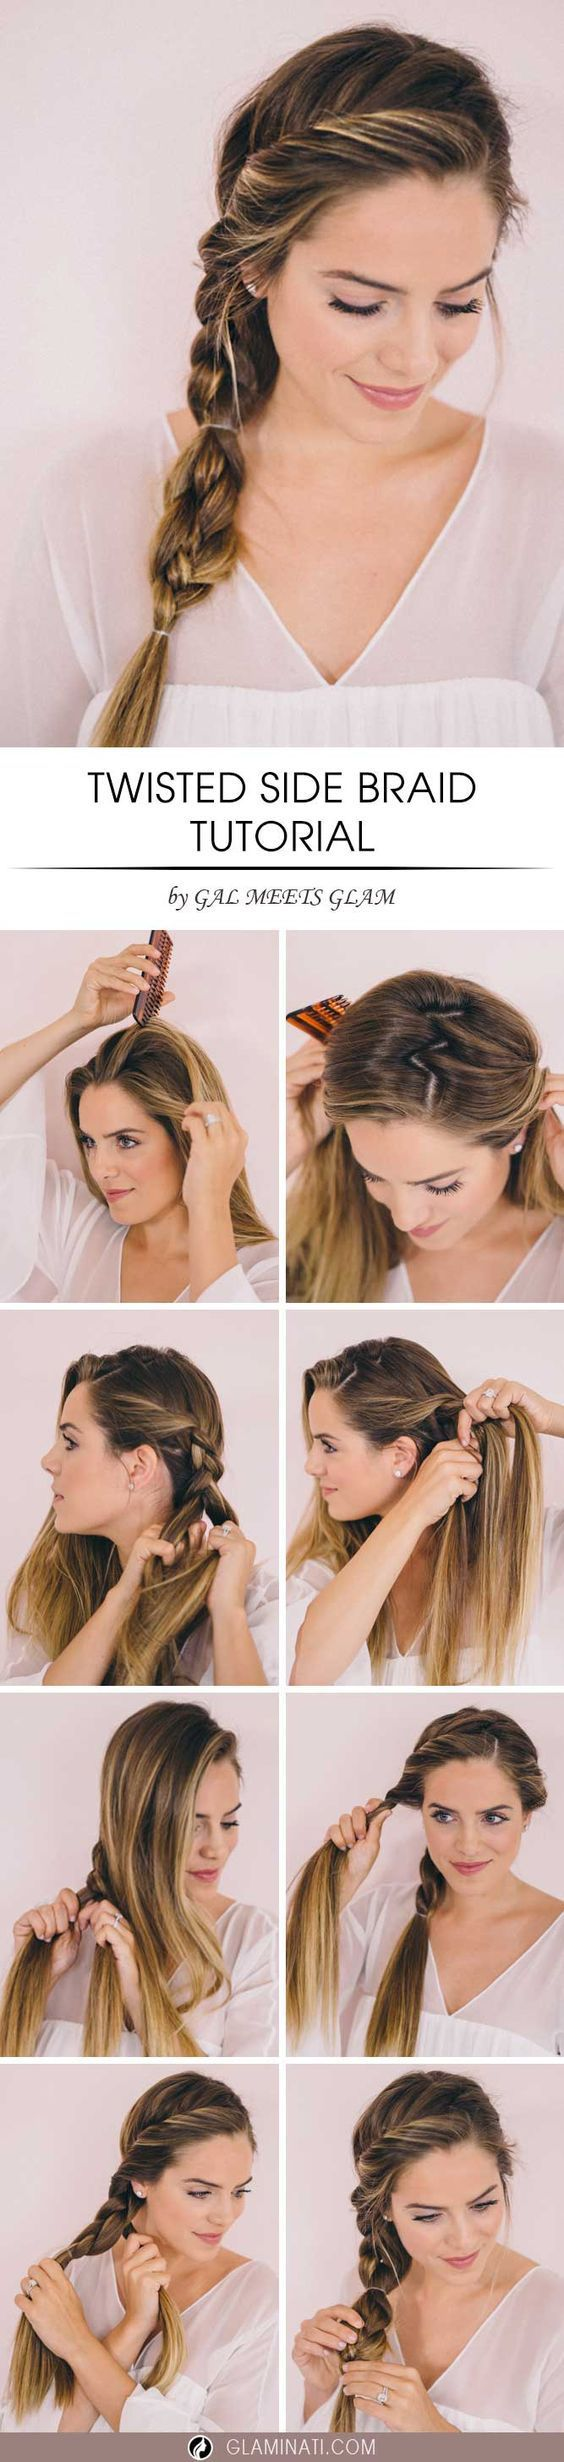 10 peinados rápidos para no perder el tiempo peinándote en vacaciones – Mujer de 10: Guía real para la mujer actual. Entérate ya. – Boda fotos